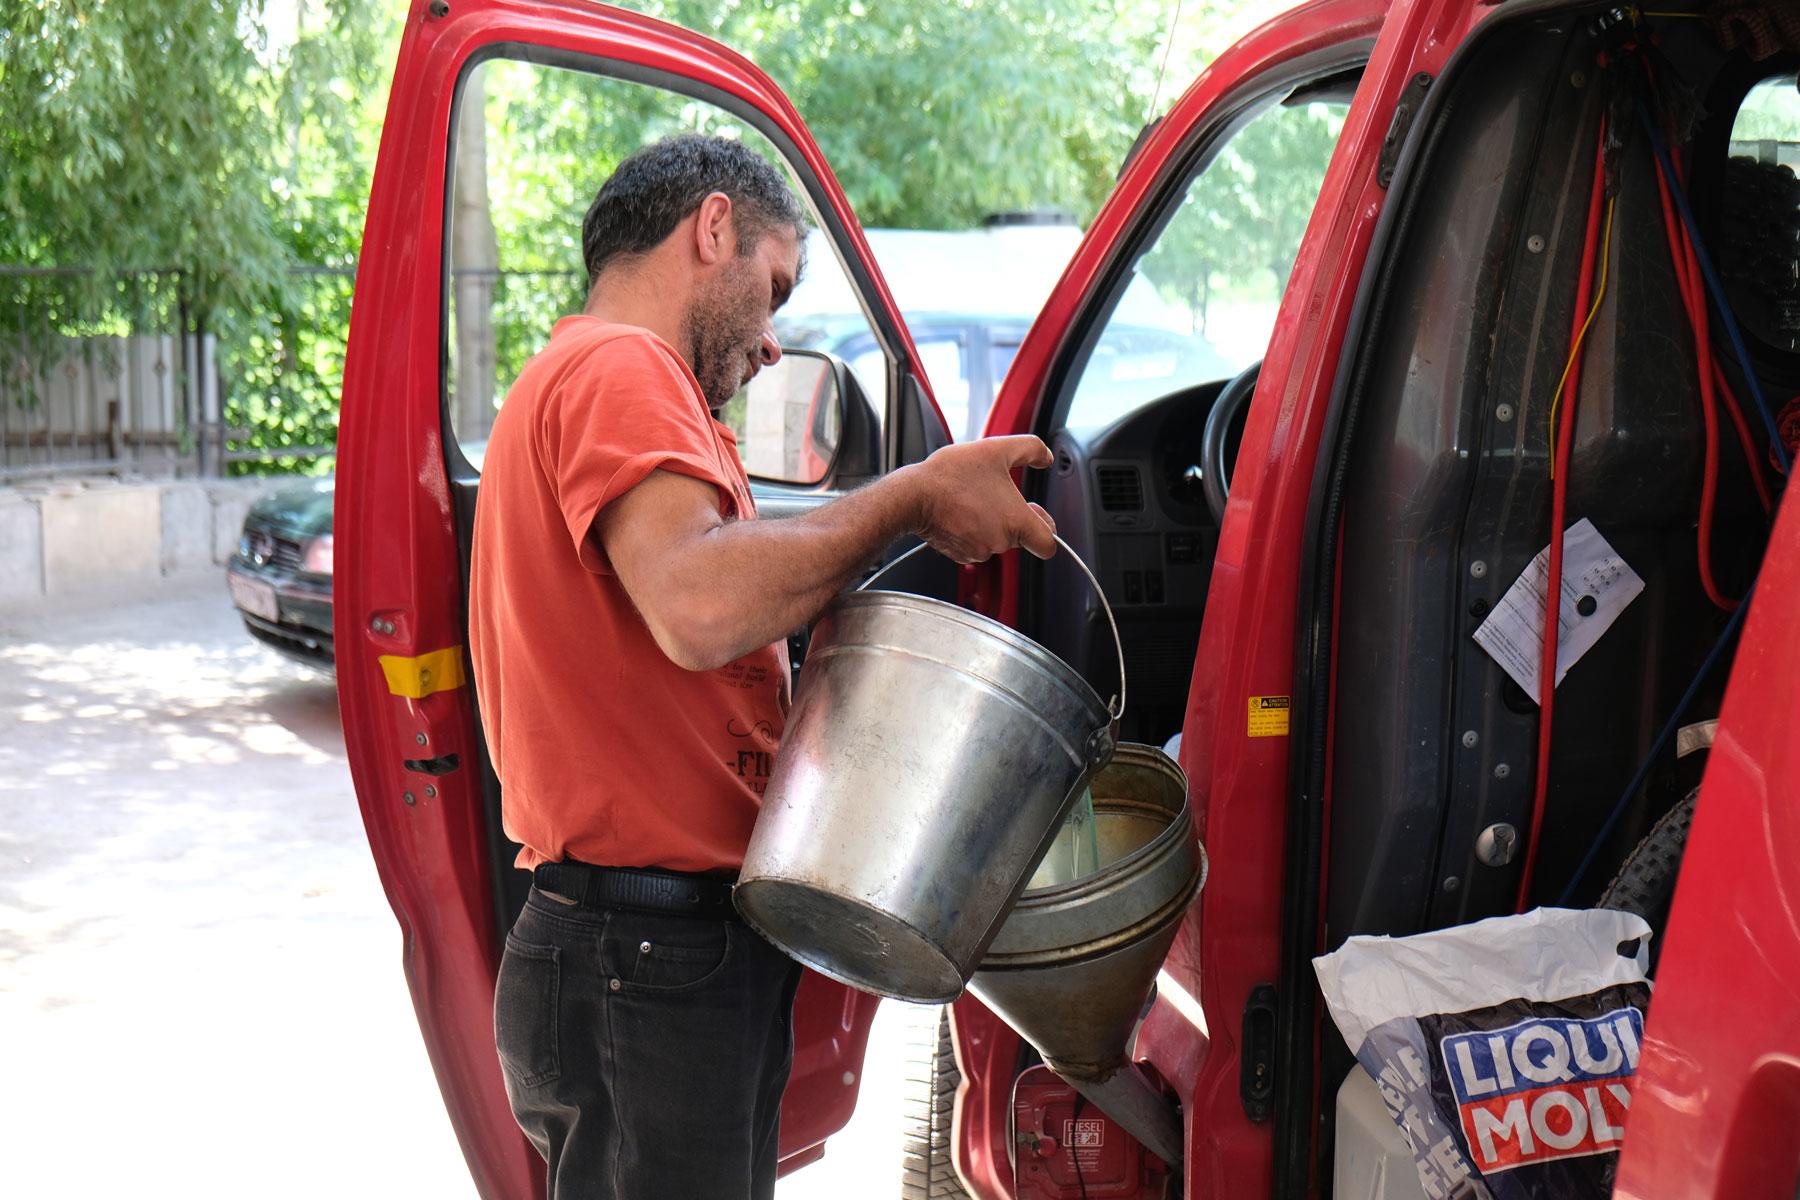 Ein Mann füllt mit einem Eimer über einen Trichter Benzin in den Tank eines Autos.